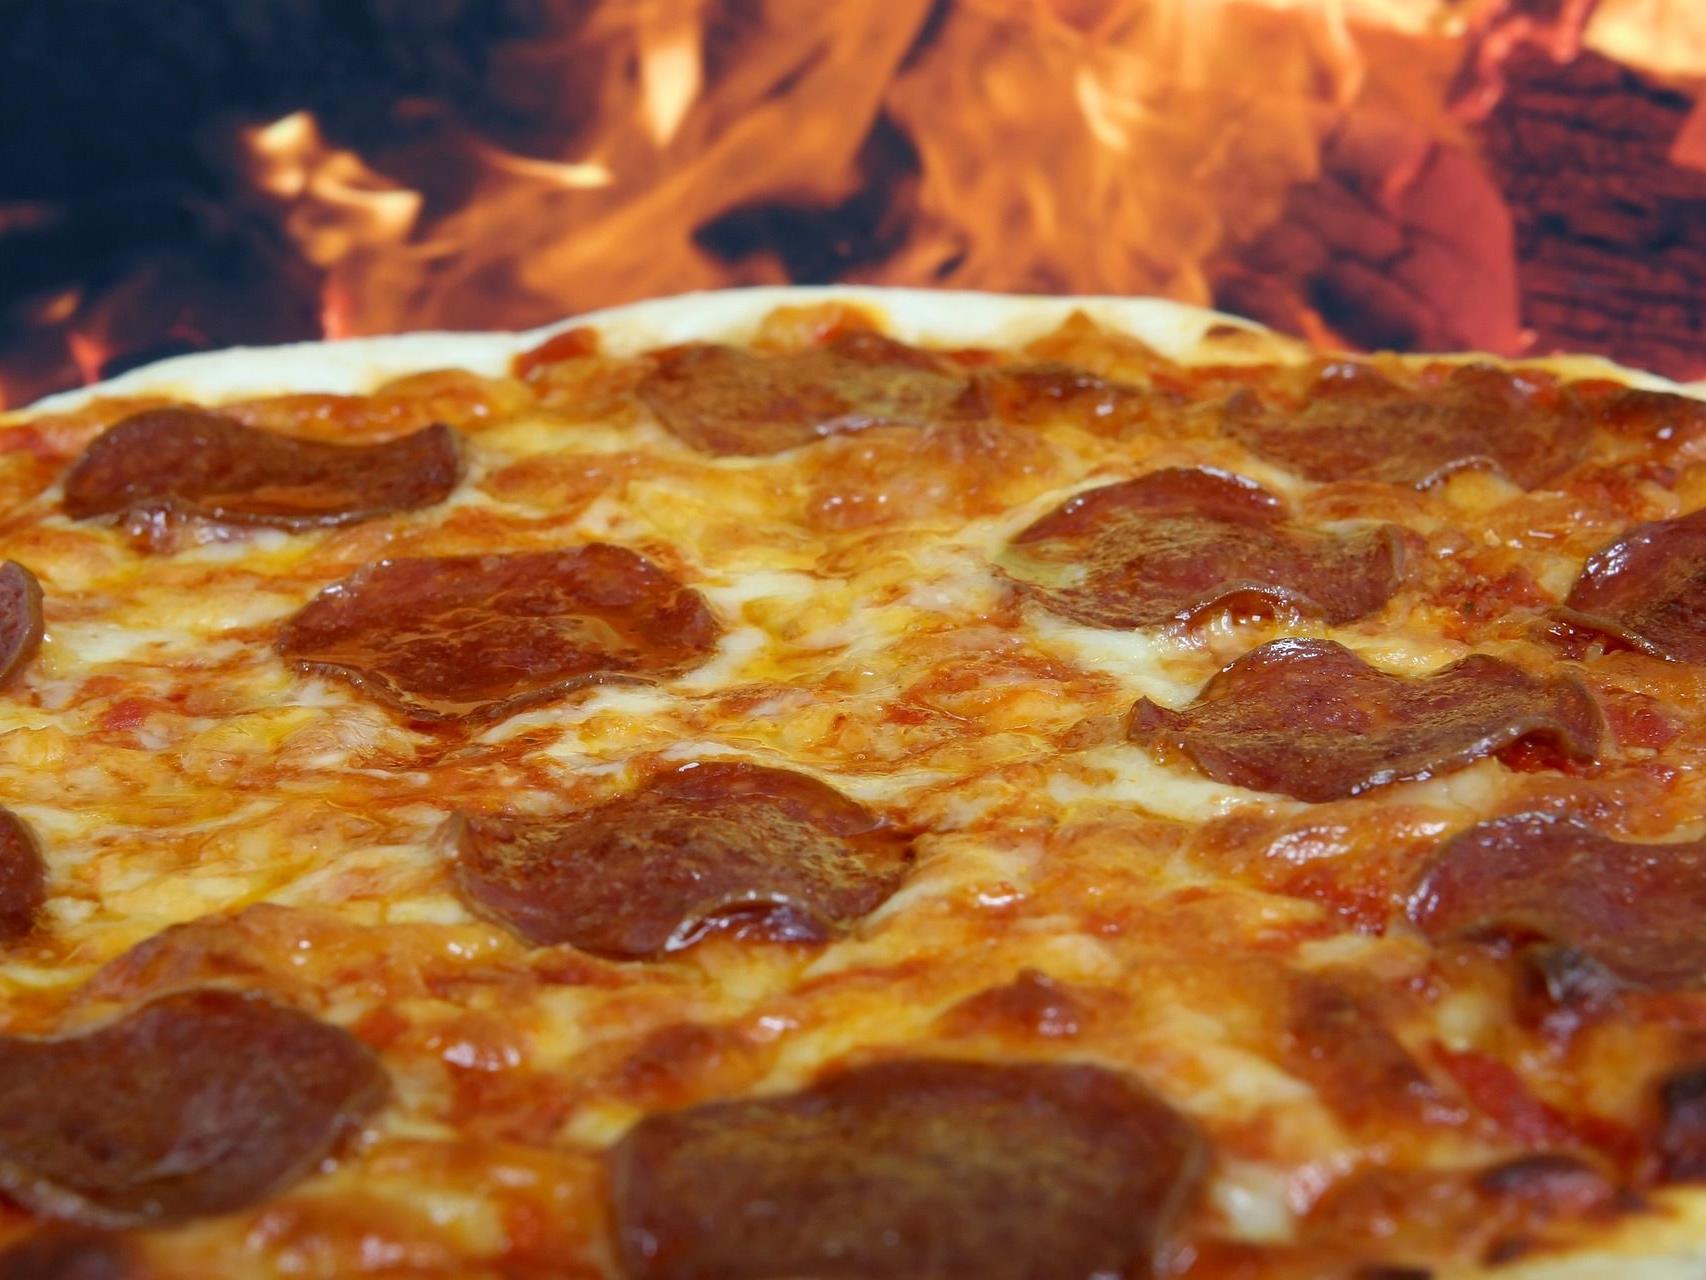 Lustige Reaktionen auf Norbert Hofers #pizzagate ließen nicht lange auf sich warten.